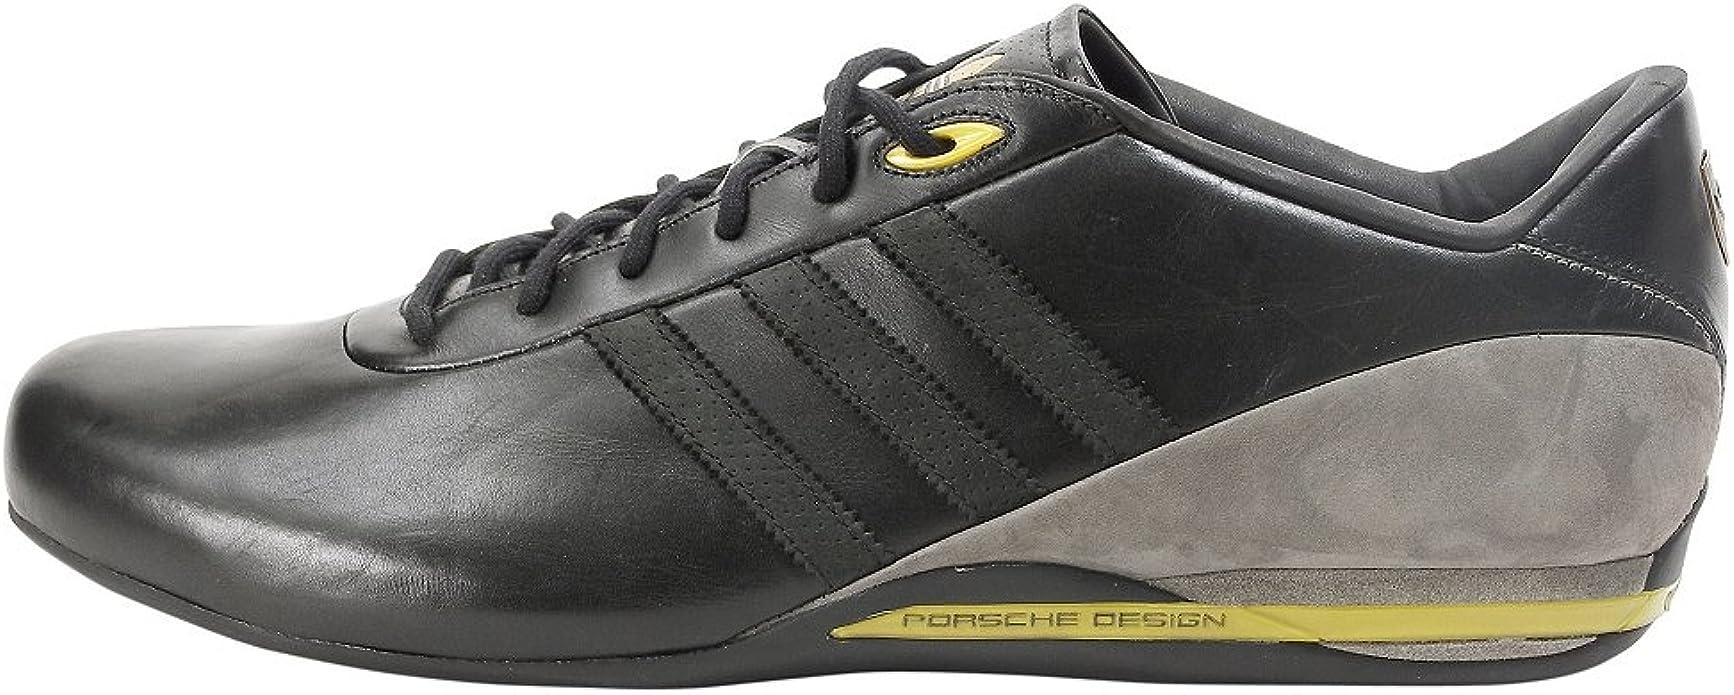 Porsche Design Sneaker